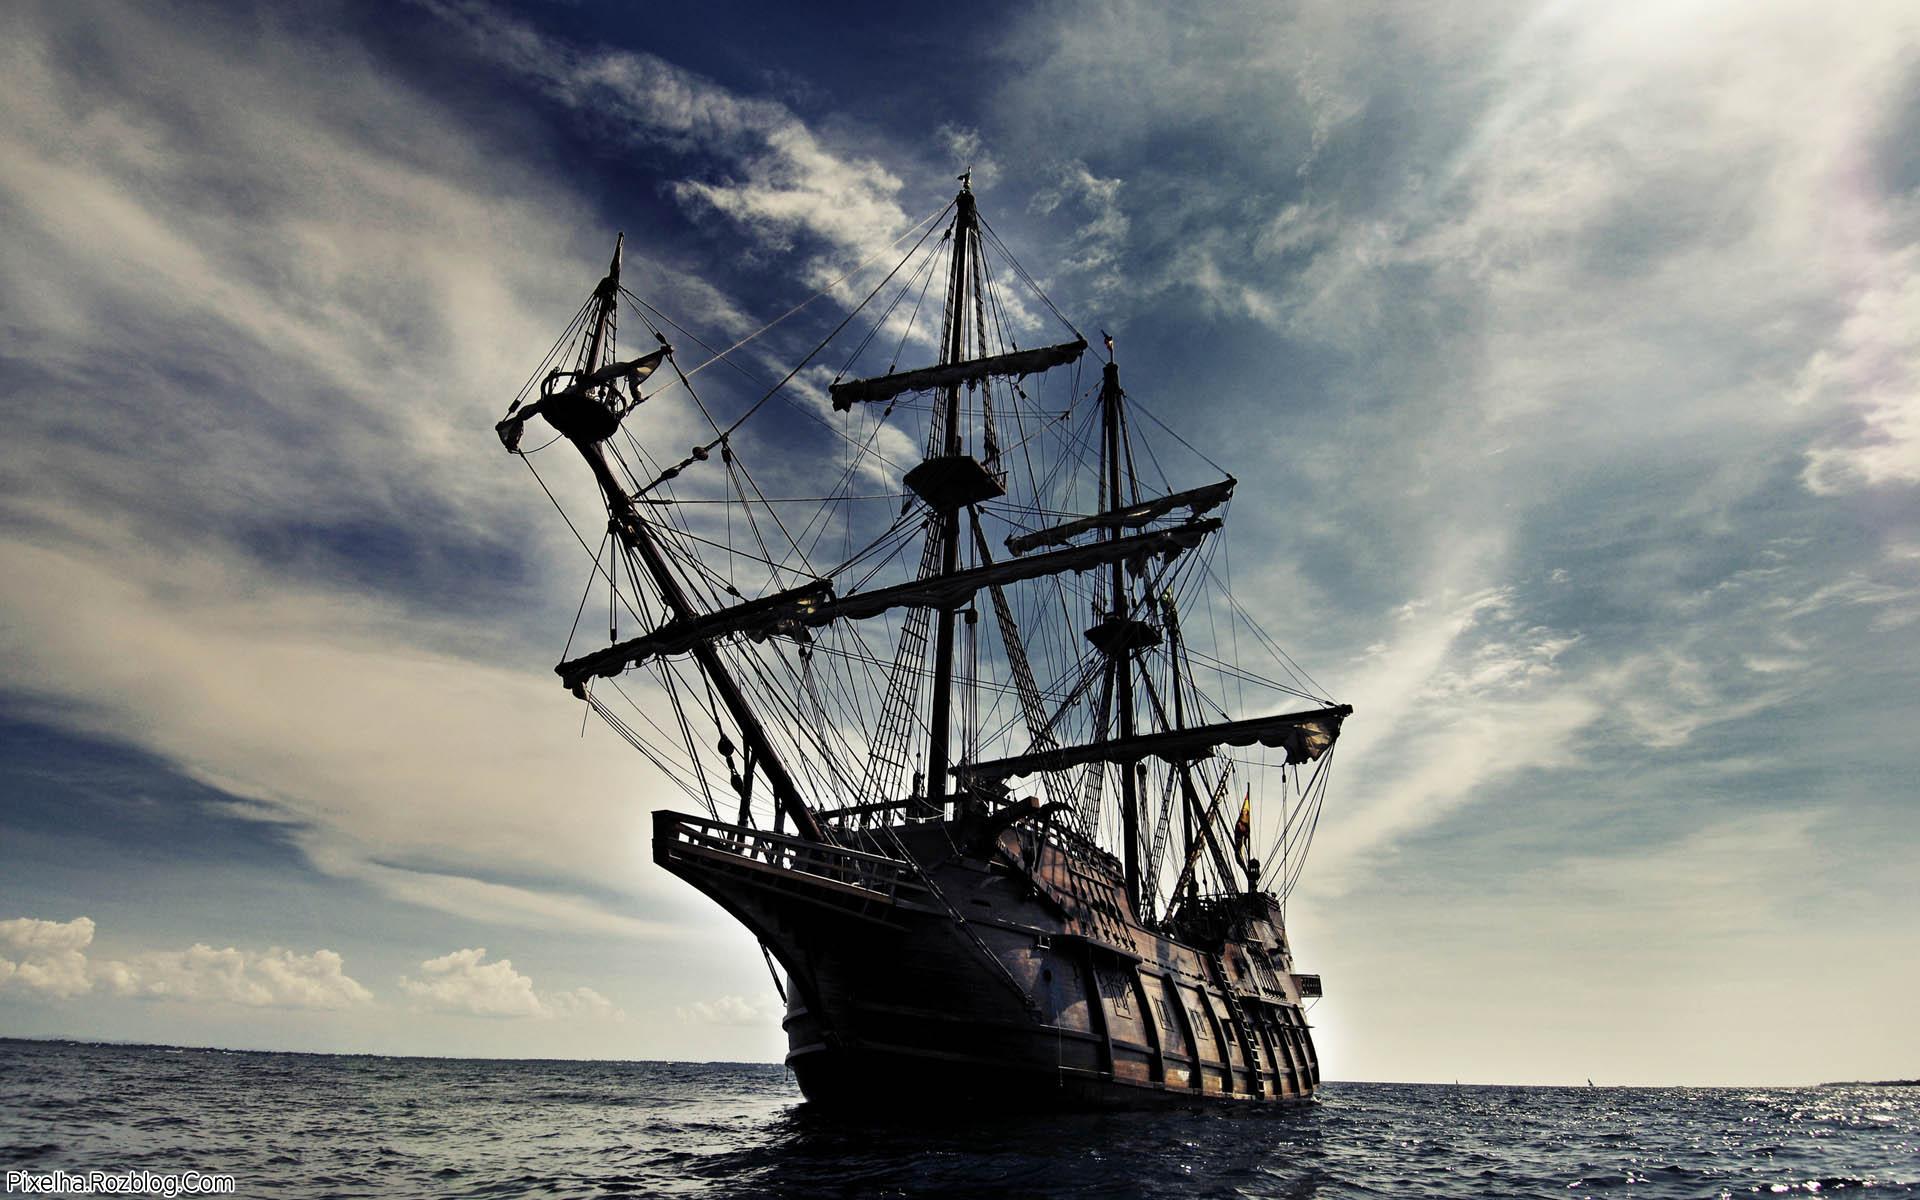 کشتی قدیمی